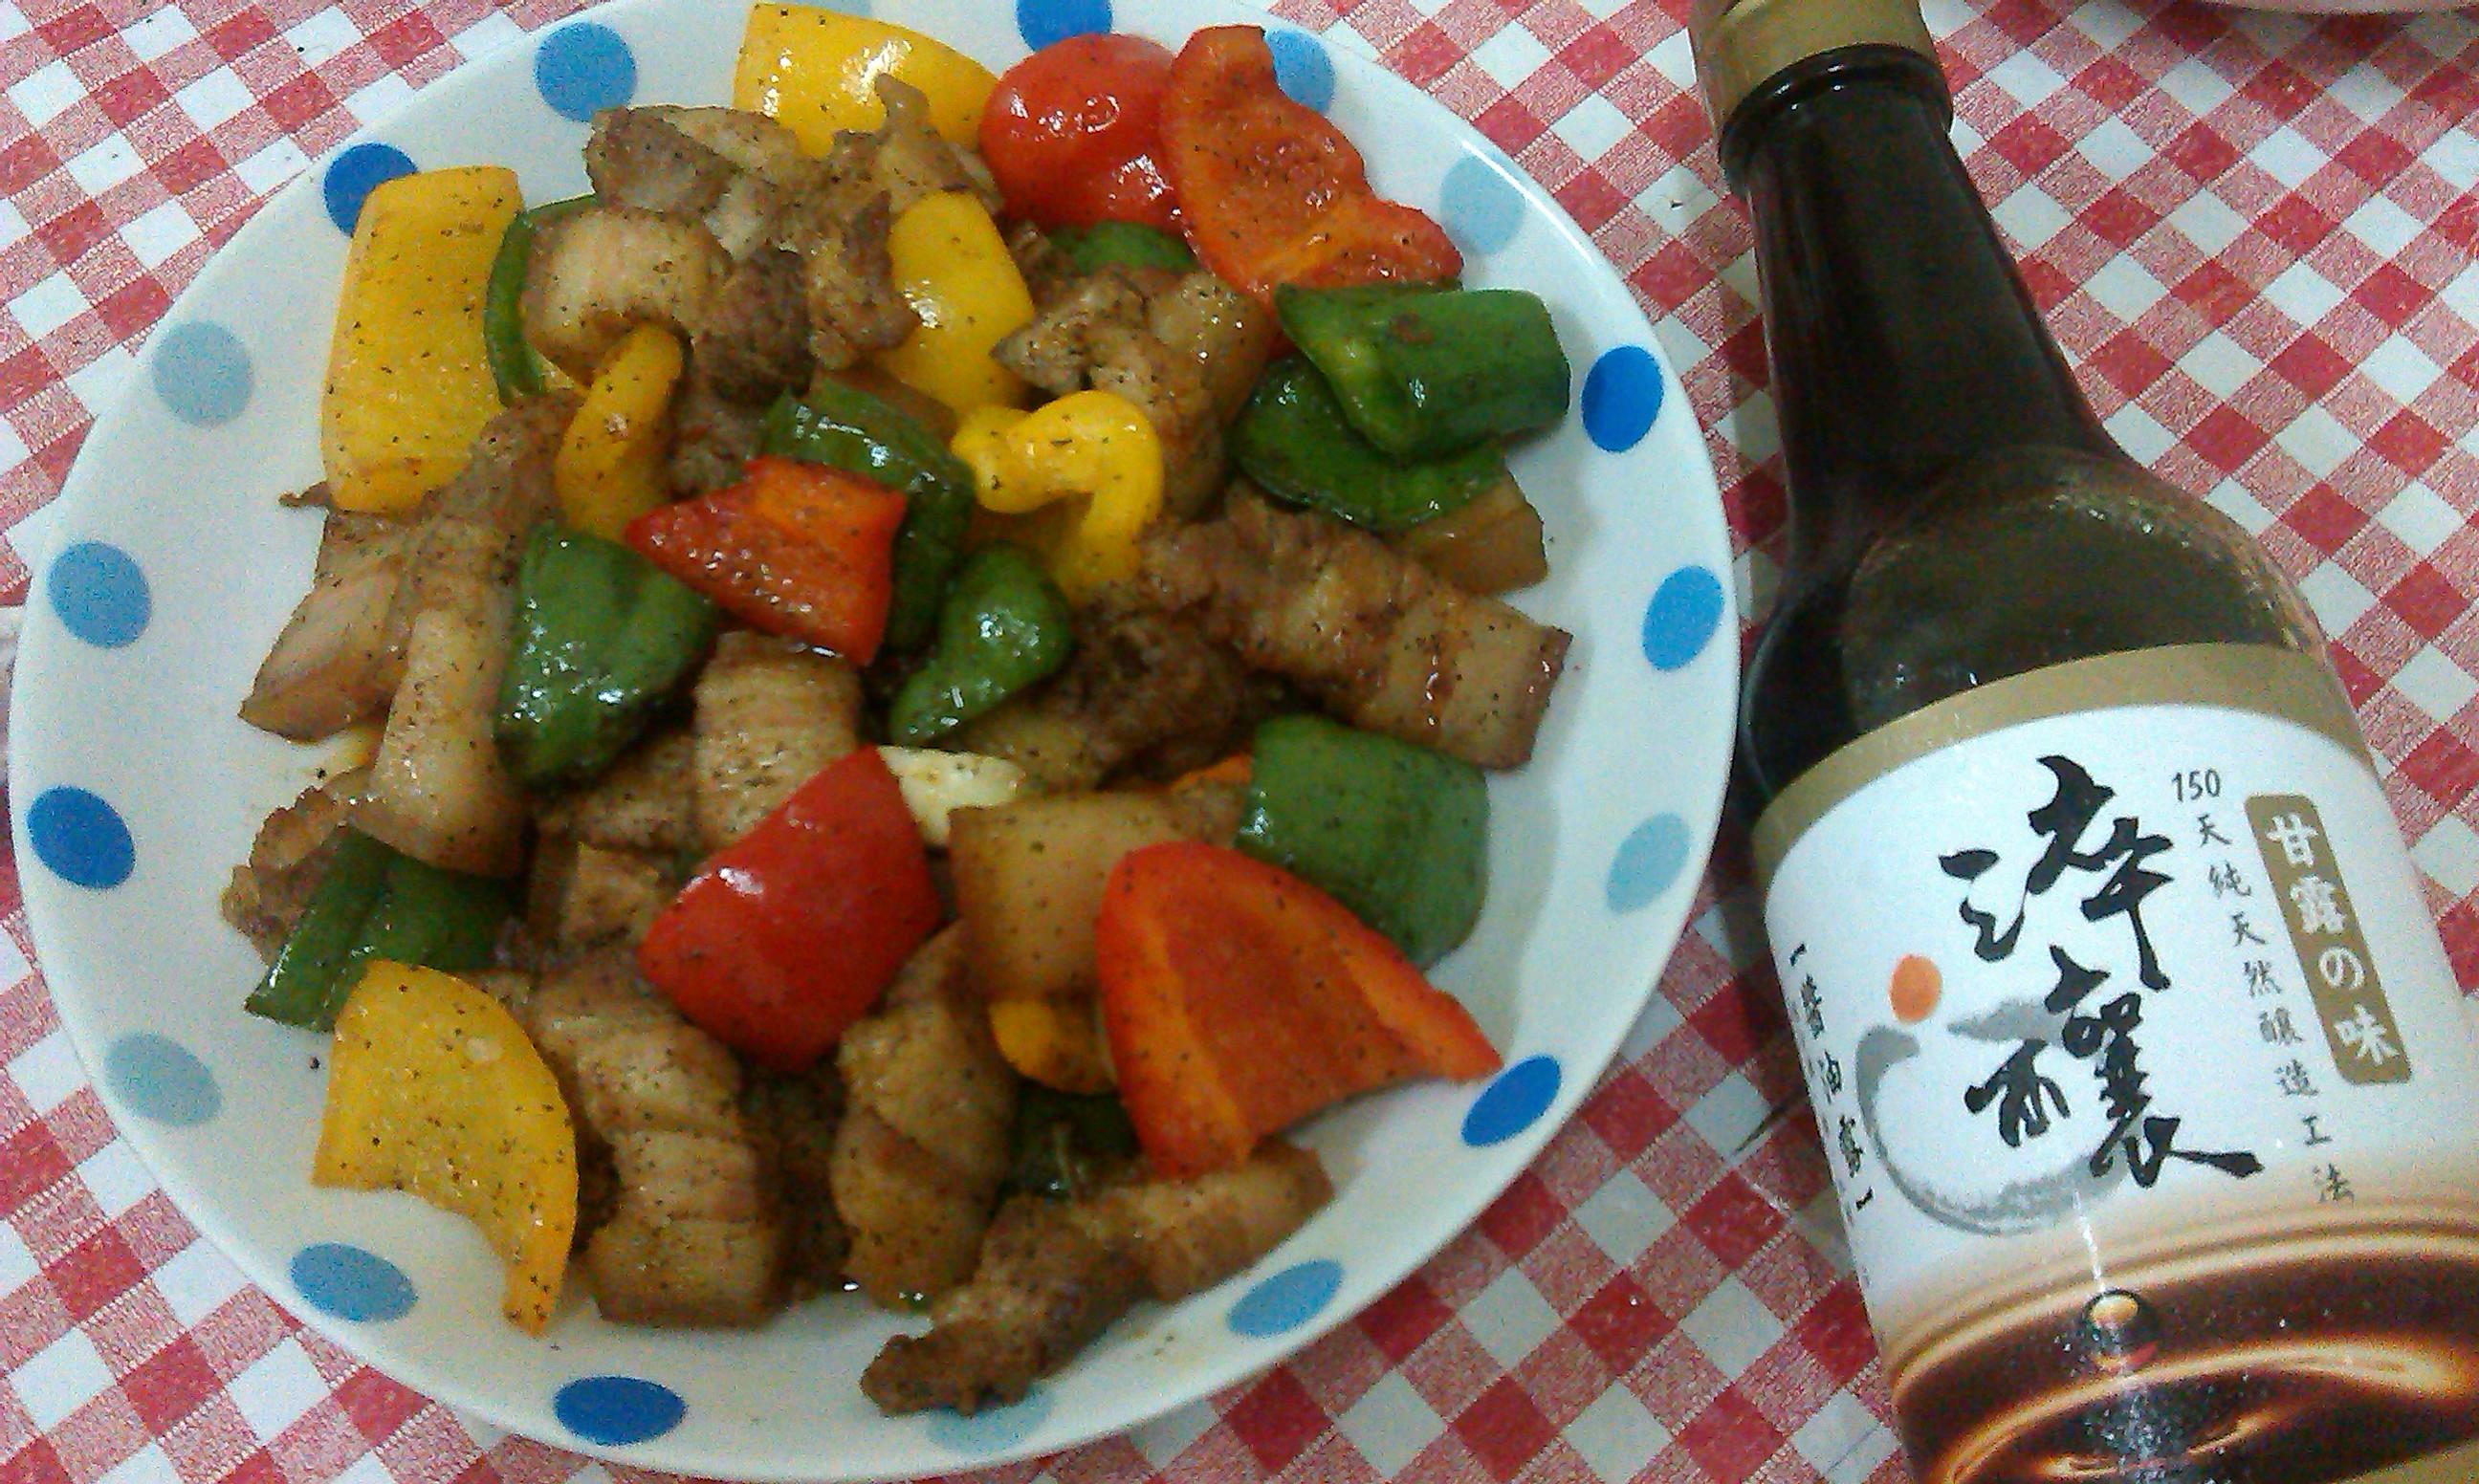 黑胡椒鹹豬肉【淬釀年菜料理】